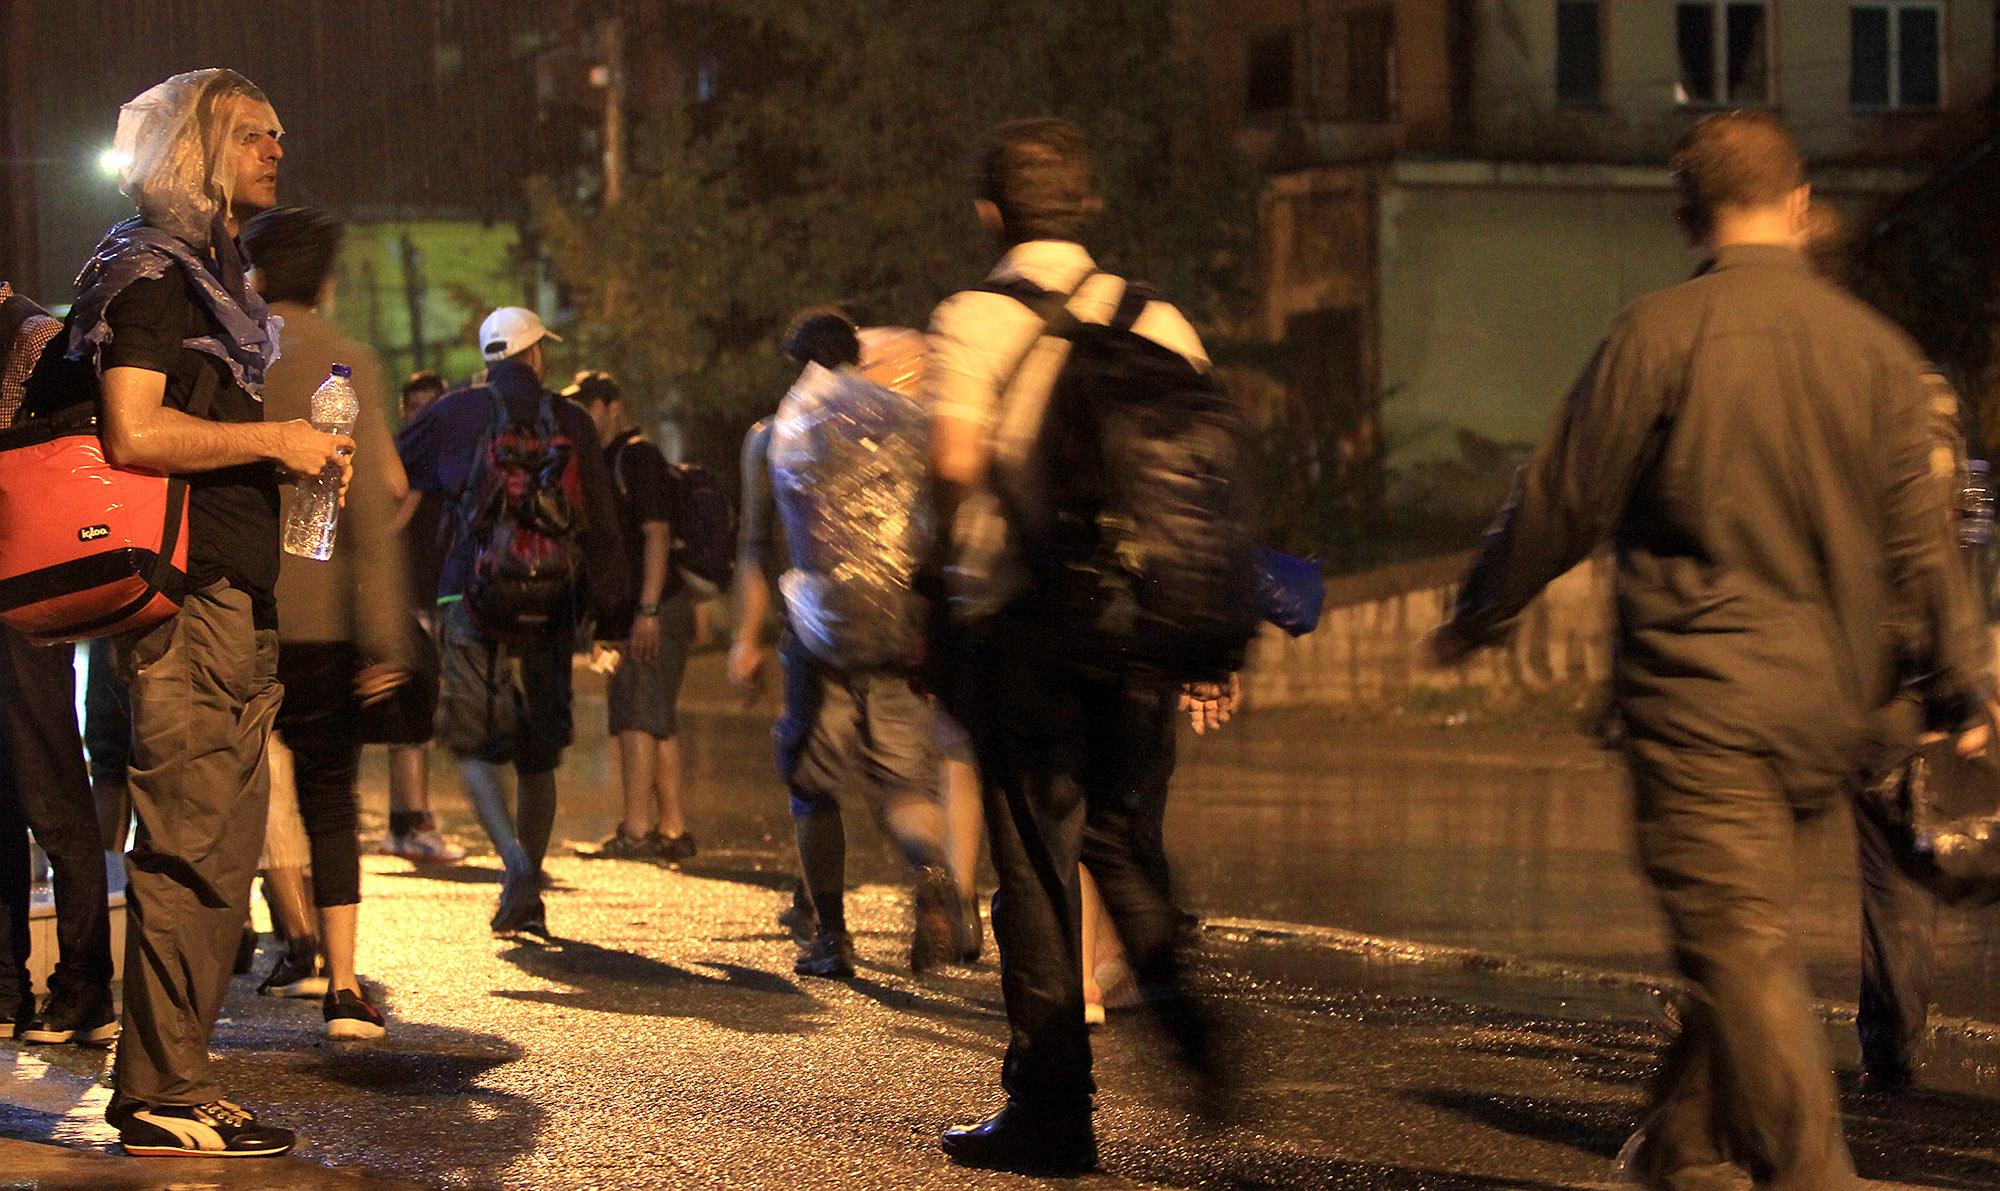 Се пропуштаат ограничен број мигранти - од Грција пристигнуваат нови